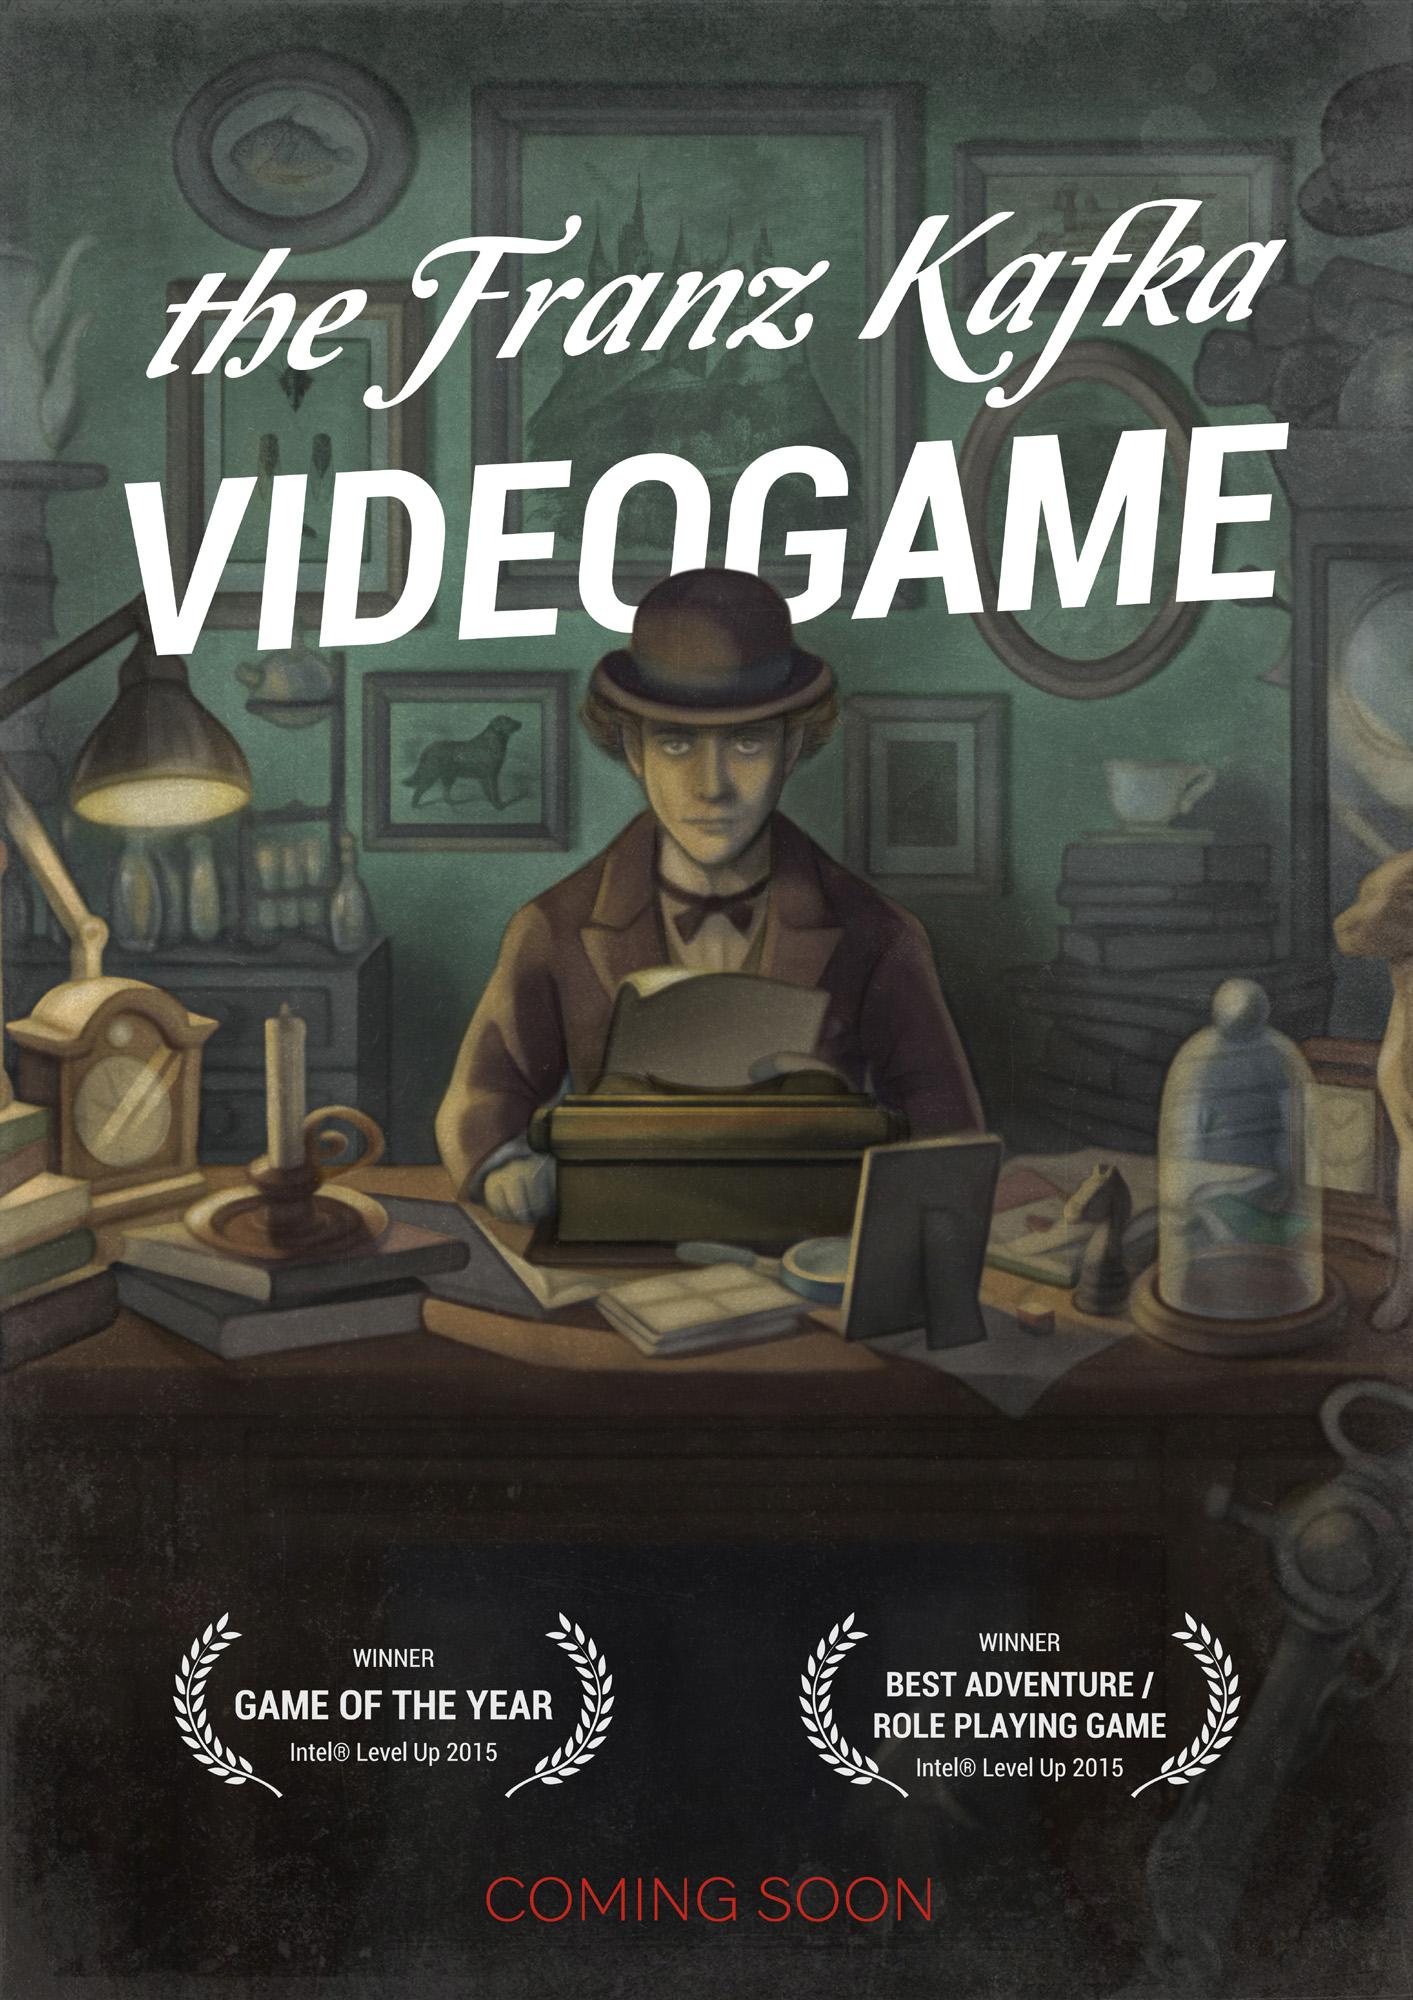 Обложка книги? Кинопостер? Нет, плакат The Franz Kafka Videogame. Финальный вариант.